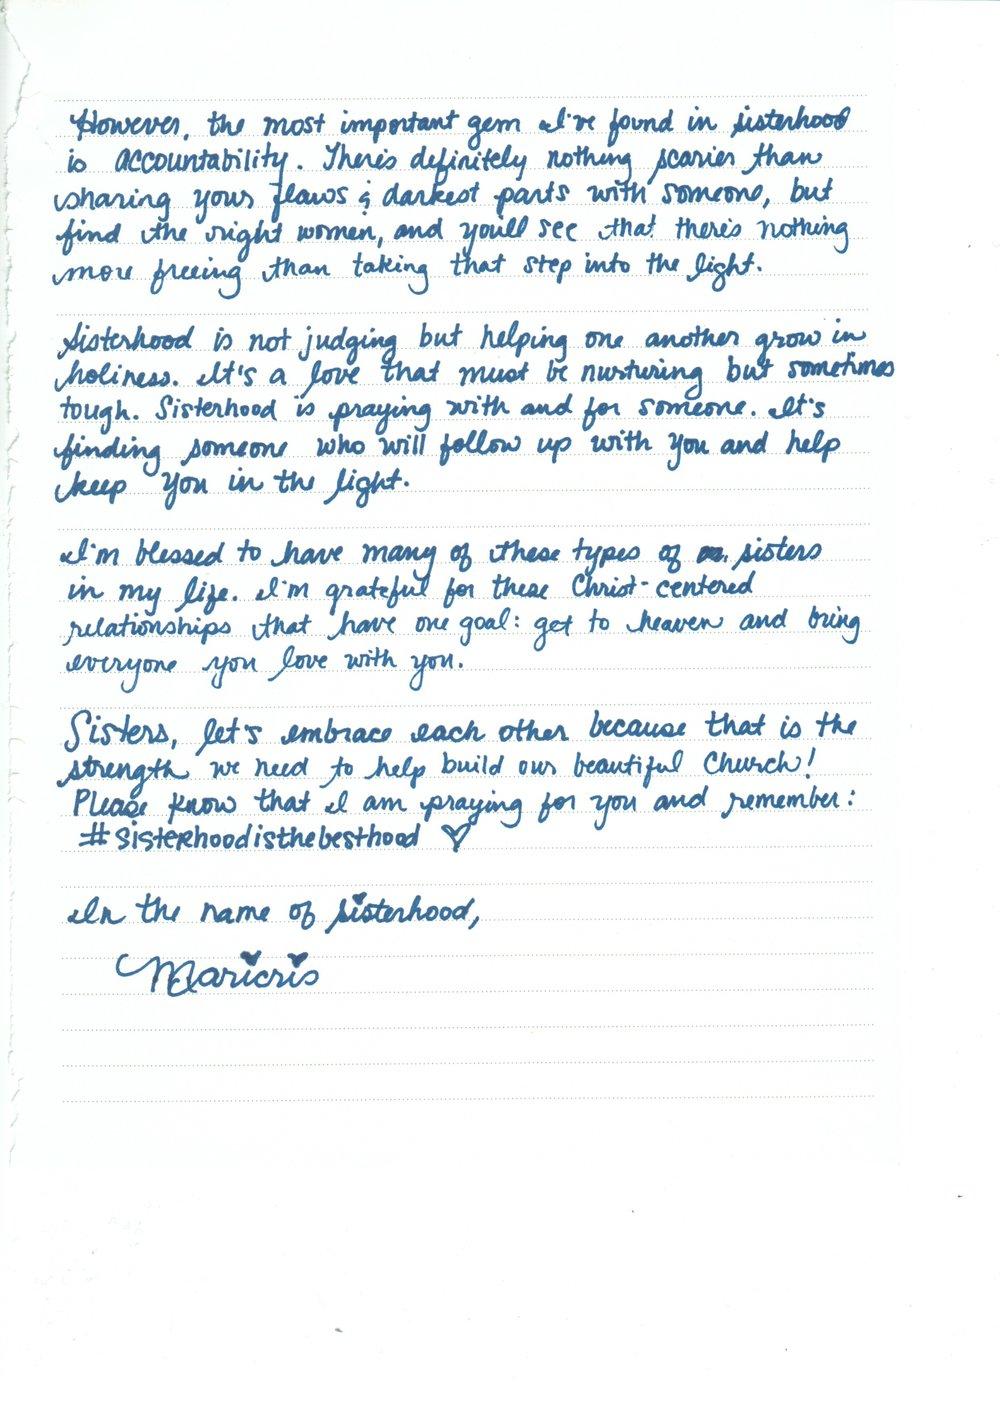 Maricris-Dizon-Letter-Scan-2